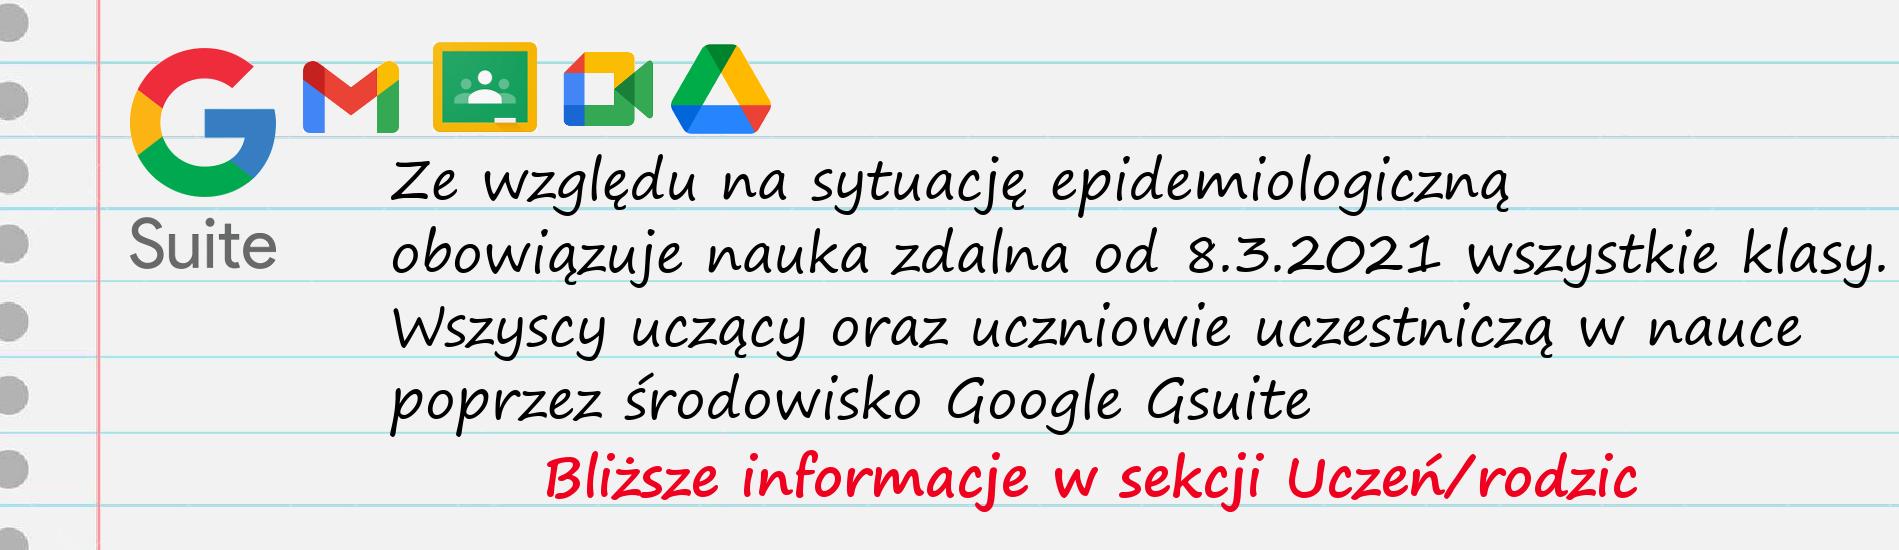 Nauka zdalna 3/2021